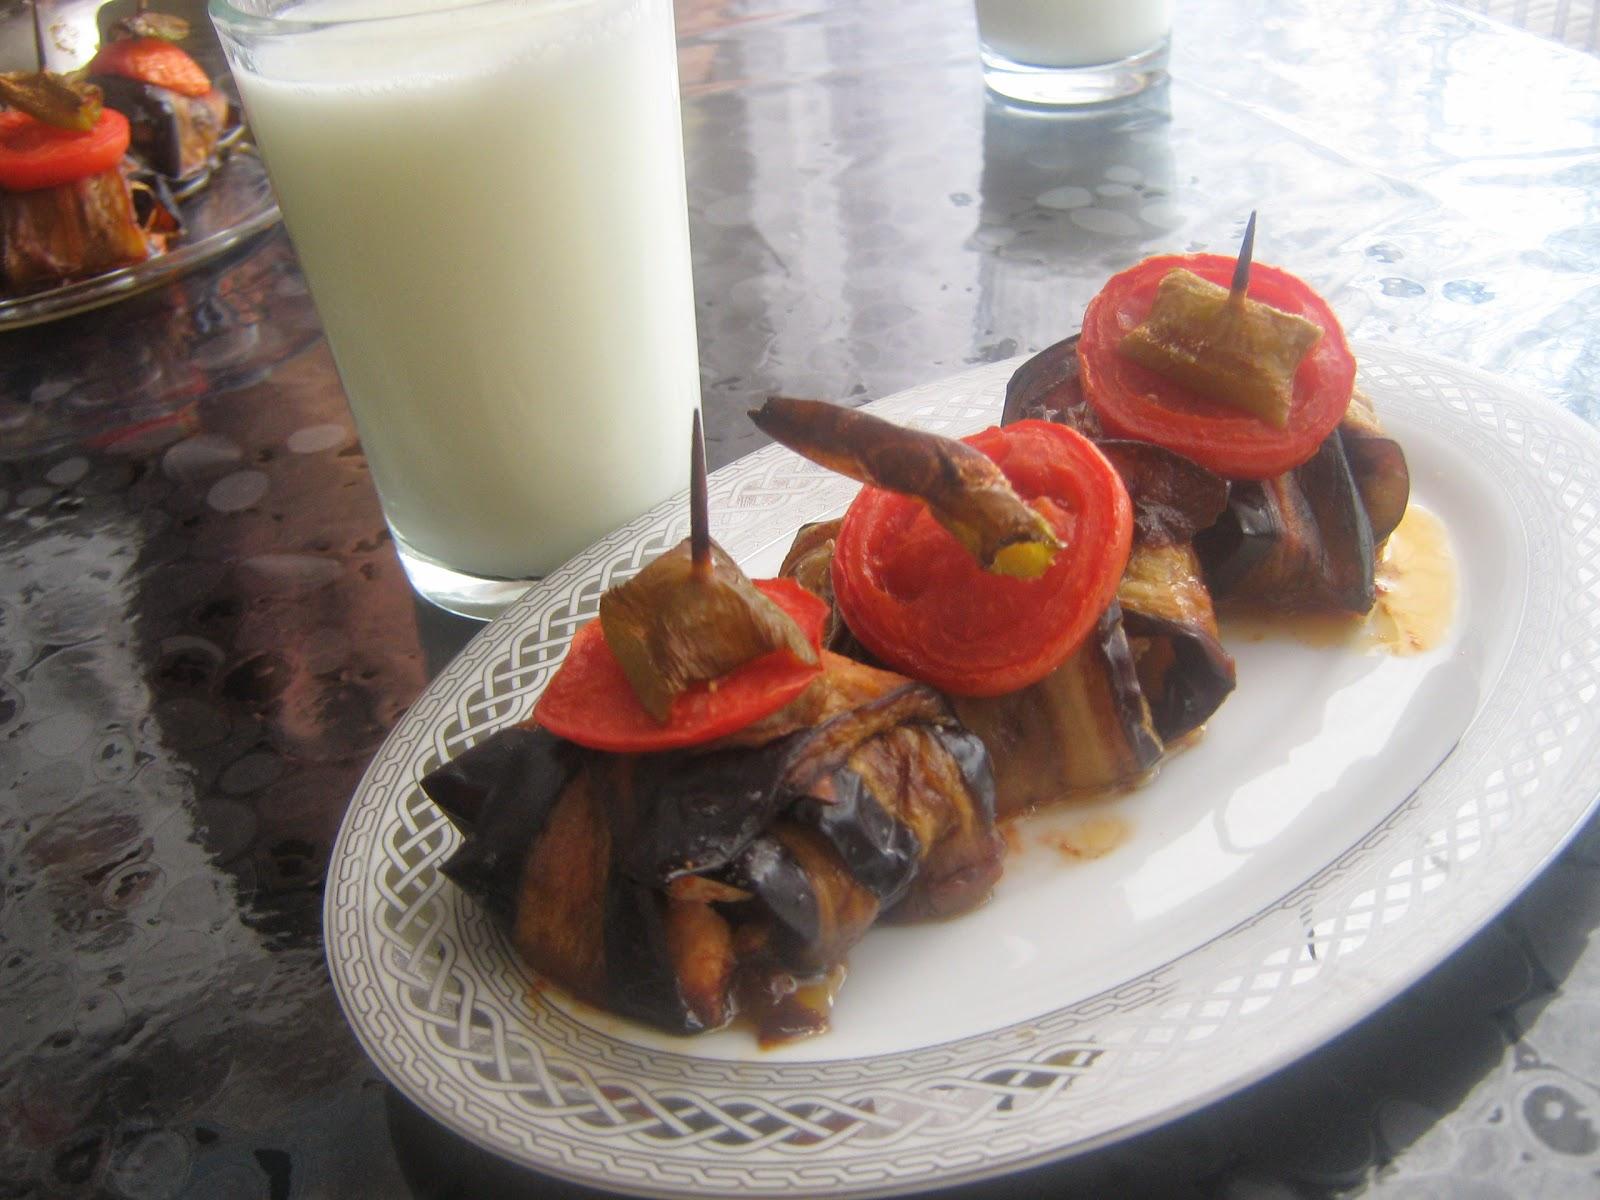 patlıcan kebabı,kürdan kebabı,islim kebabı,tavuklu patlıcan sarma,tavuklu islim kebabı,kabap,tavuklu kürdan kebabı